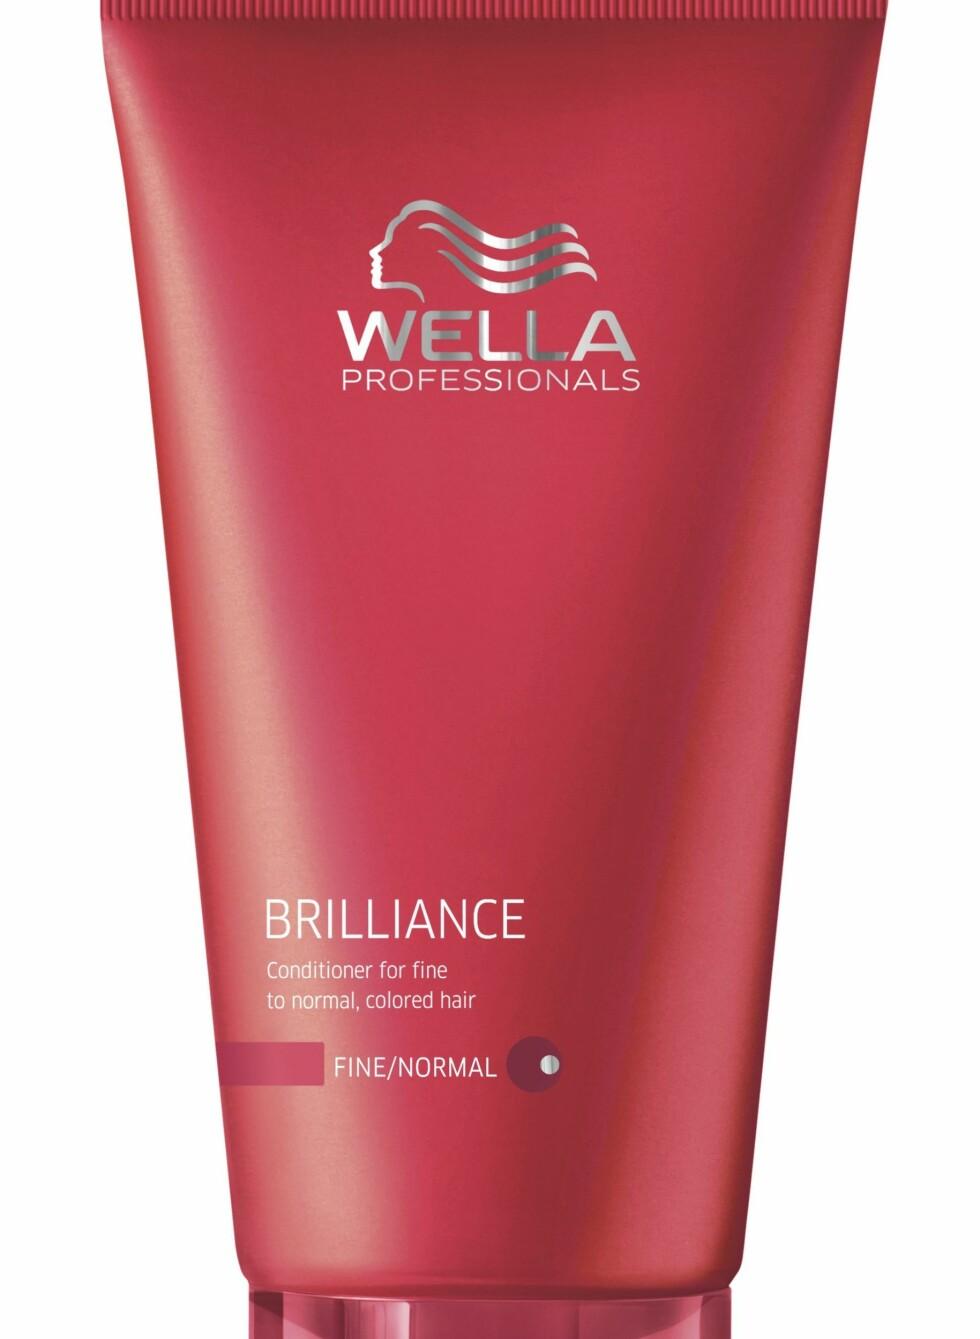 Brilliance balsam for fint til normalt, farget hår, fra Wella Professionals Care, veil. kr 199. Finnes også for grovt hår. Foto: Produsenten